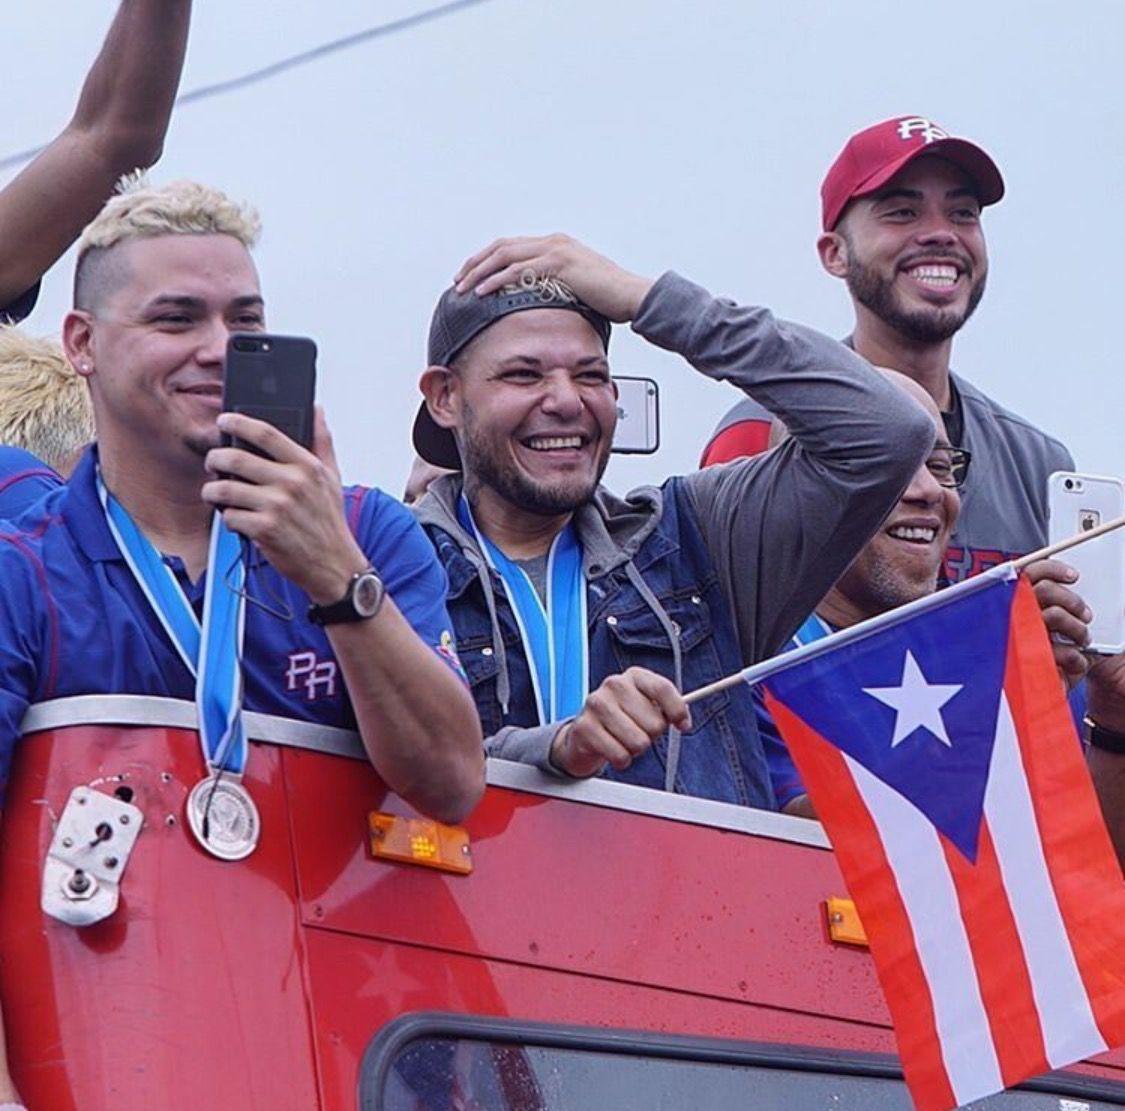 3 23 2017 Celebrando La Llegada Del Equipo Nacional De Puerto Rico Puerto Rico Fotos De Puerto Rico Islas